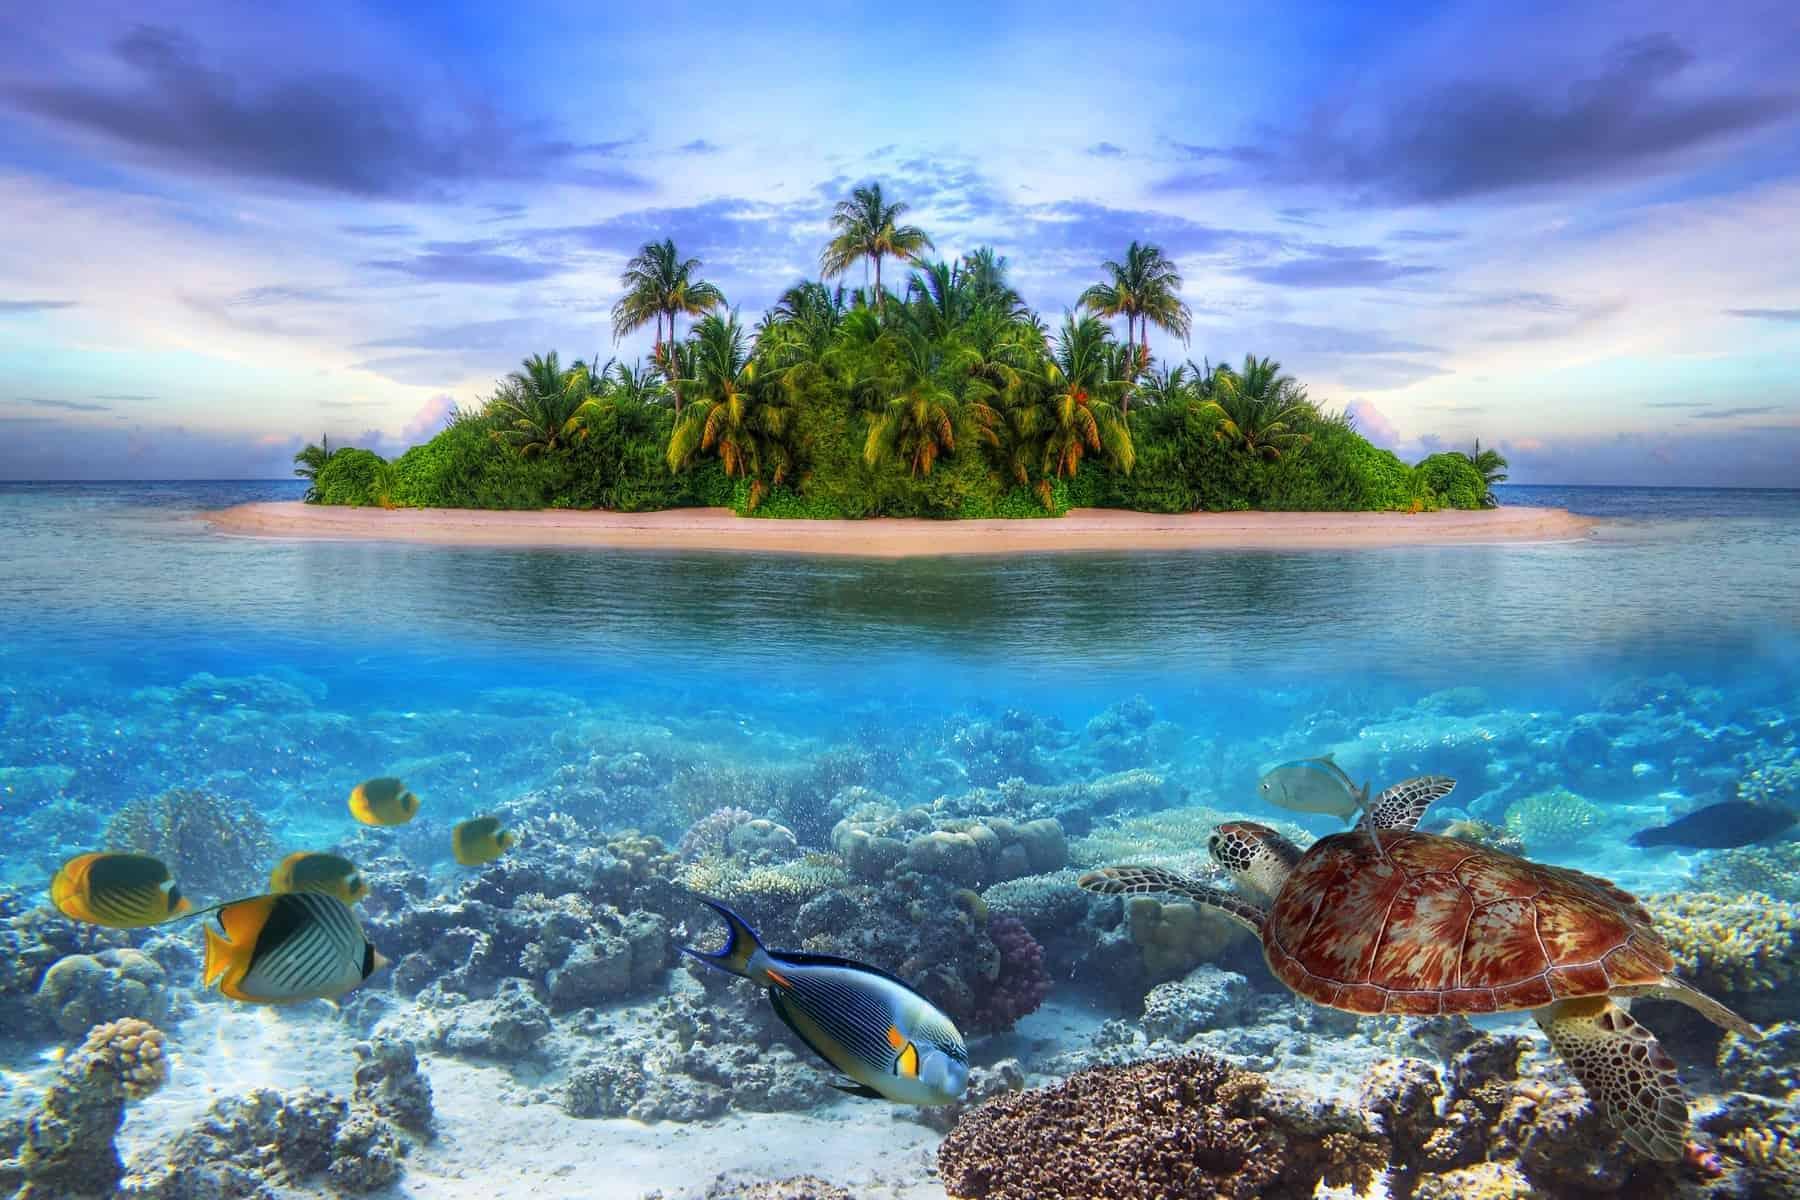 Asiens mindste lande. Maldiverne